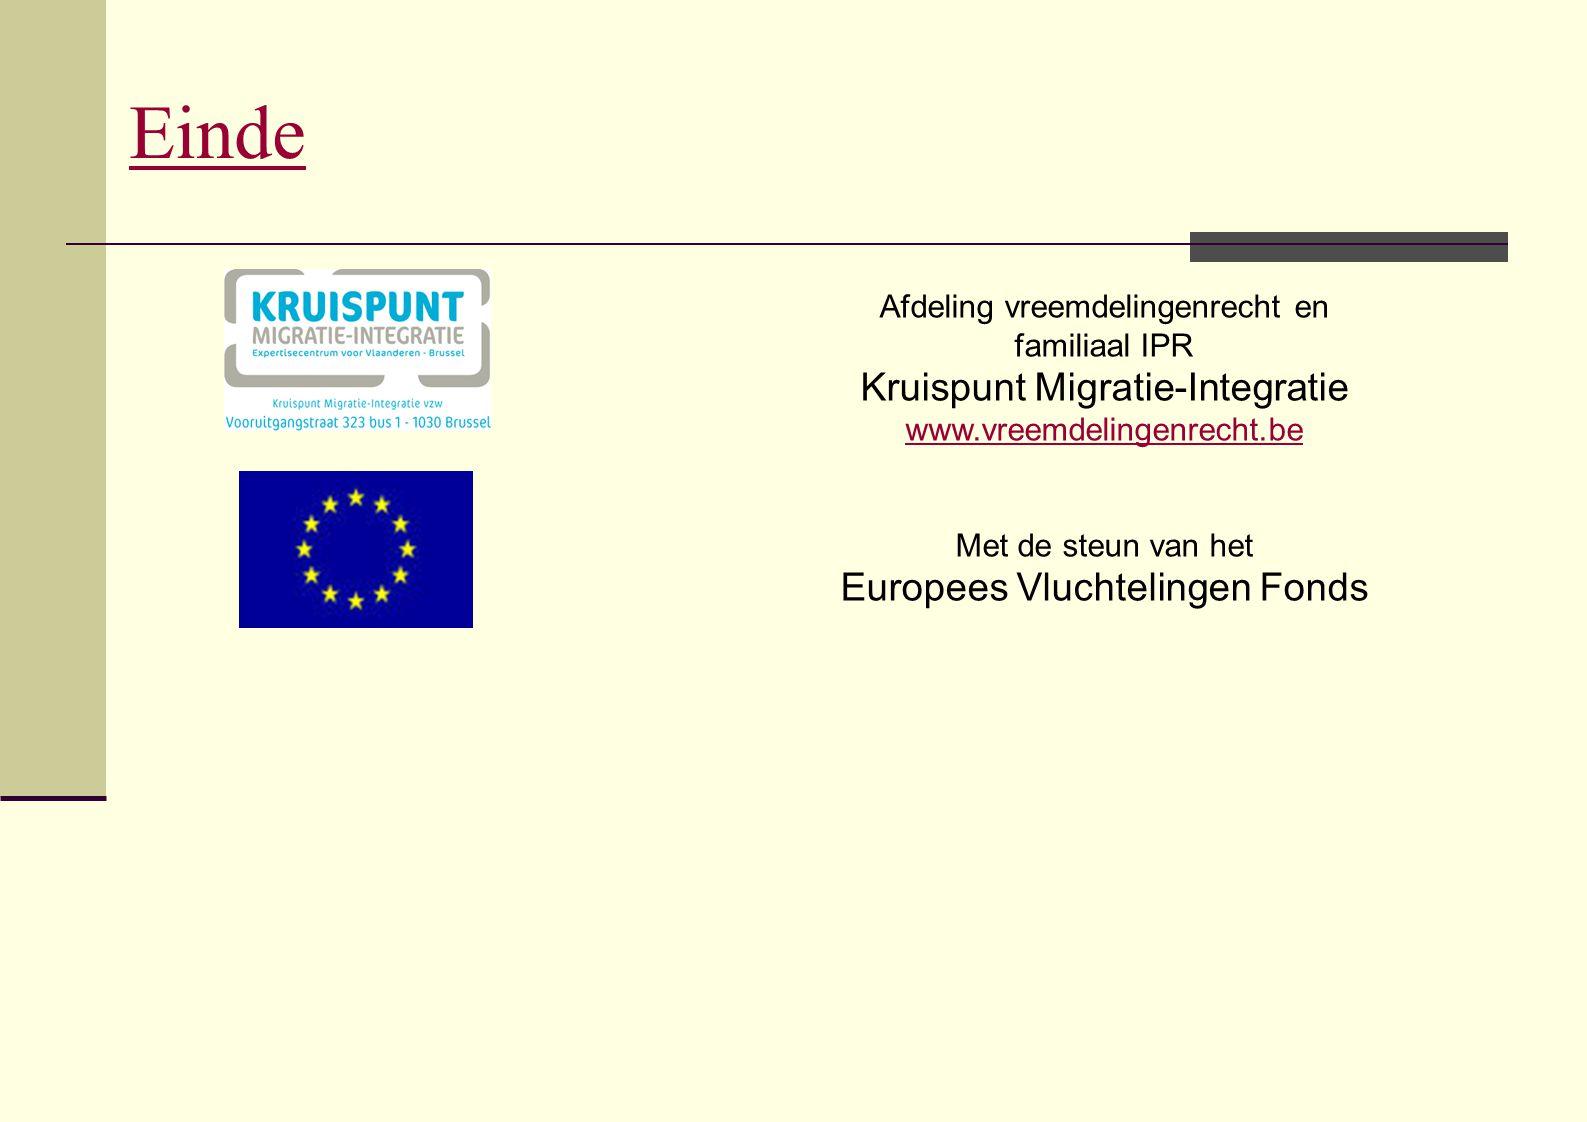 Einde Kruispunt Migratie-Integratie Europees Vluchtelingen Fonds